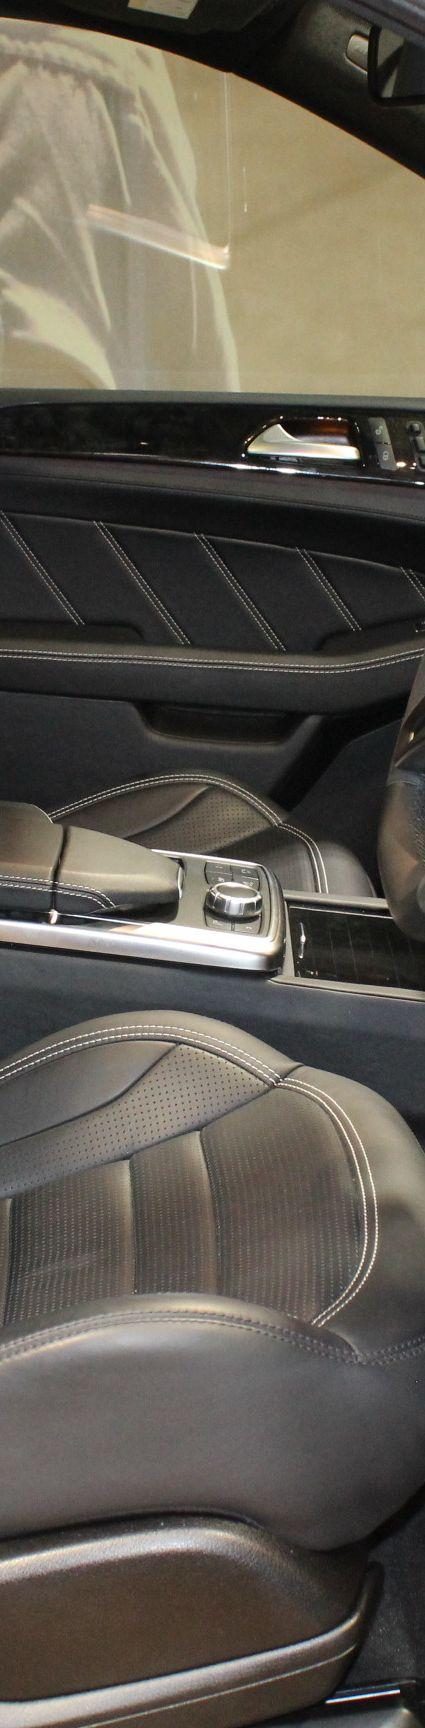 2014 Mercedes-Benz ML63 W166 AMG Wagon 5dr SPEEDSHIFT DCT 7sp 4x4 5.5TT - for sale in Australia